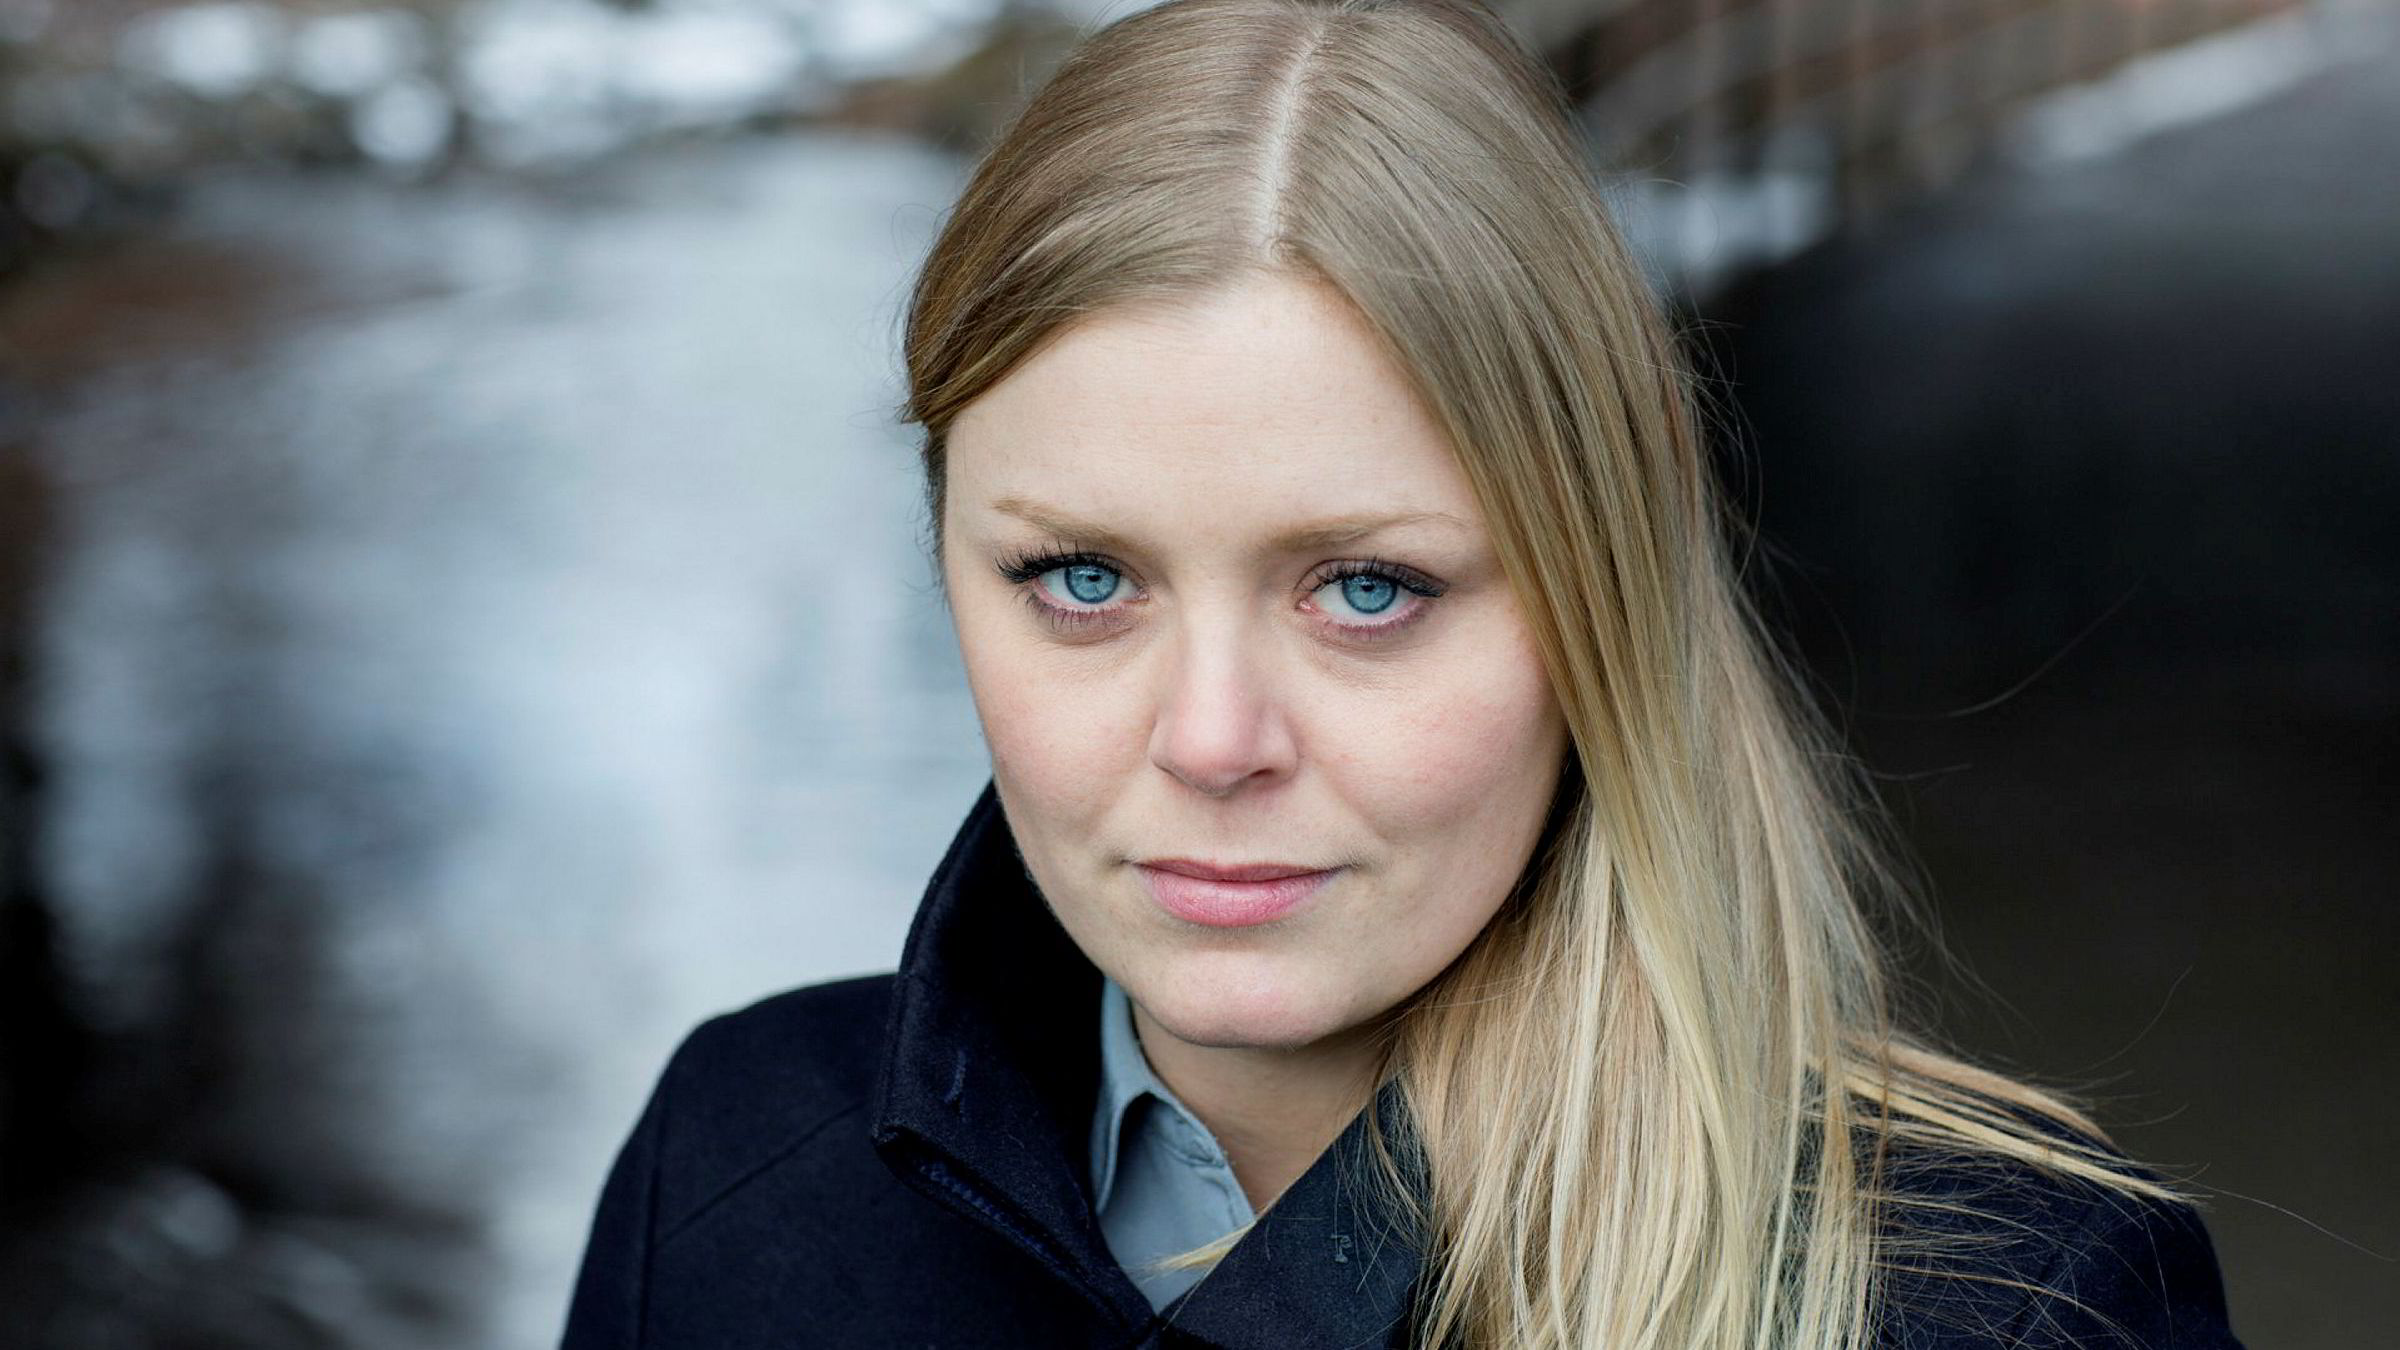 Høyres miljøpolitiske talsperson Tina Bru åpner for høyere utslipp av klimagasser. Foto: Øyvind Elvsborg